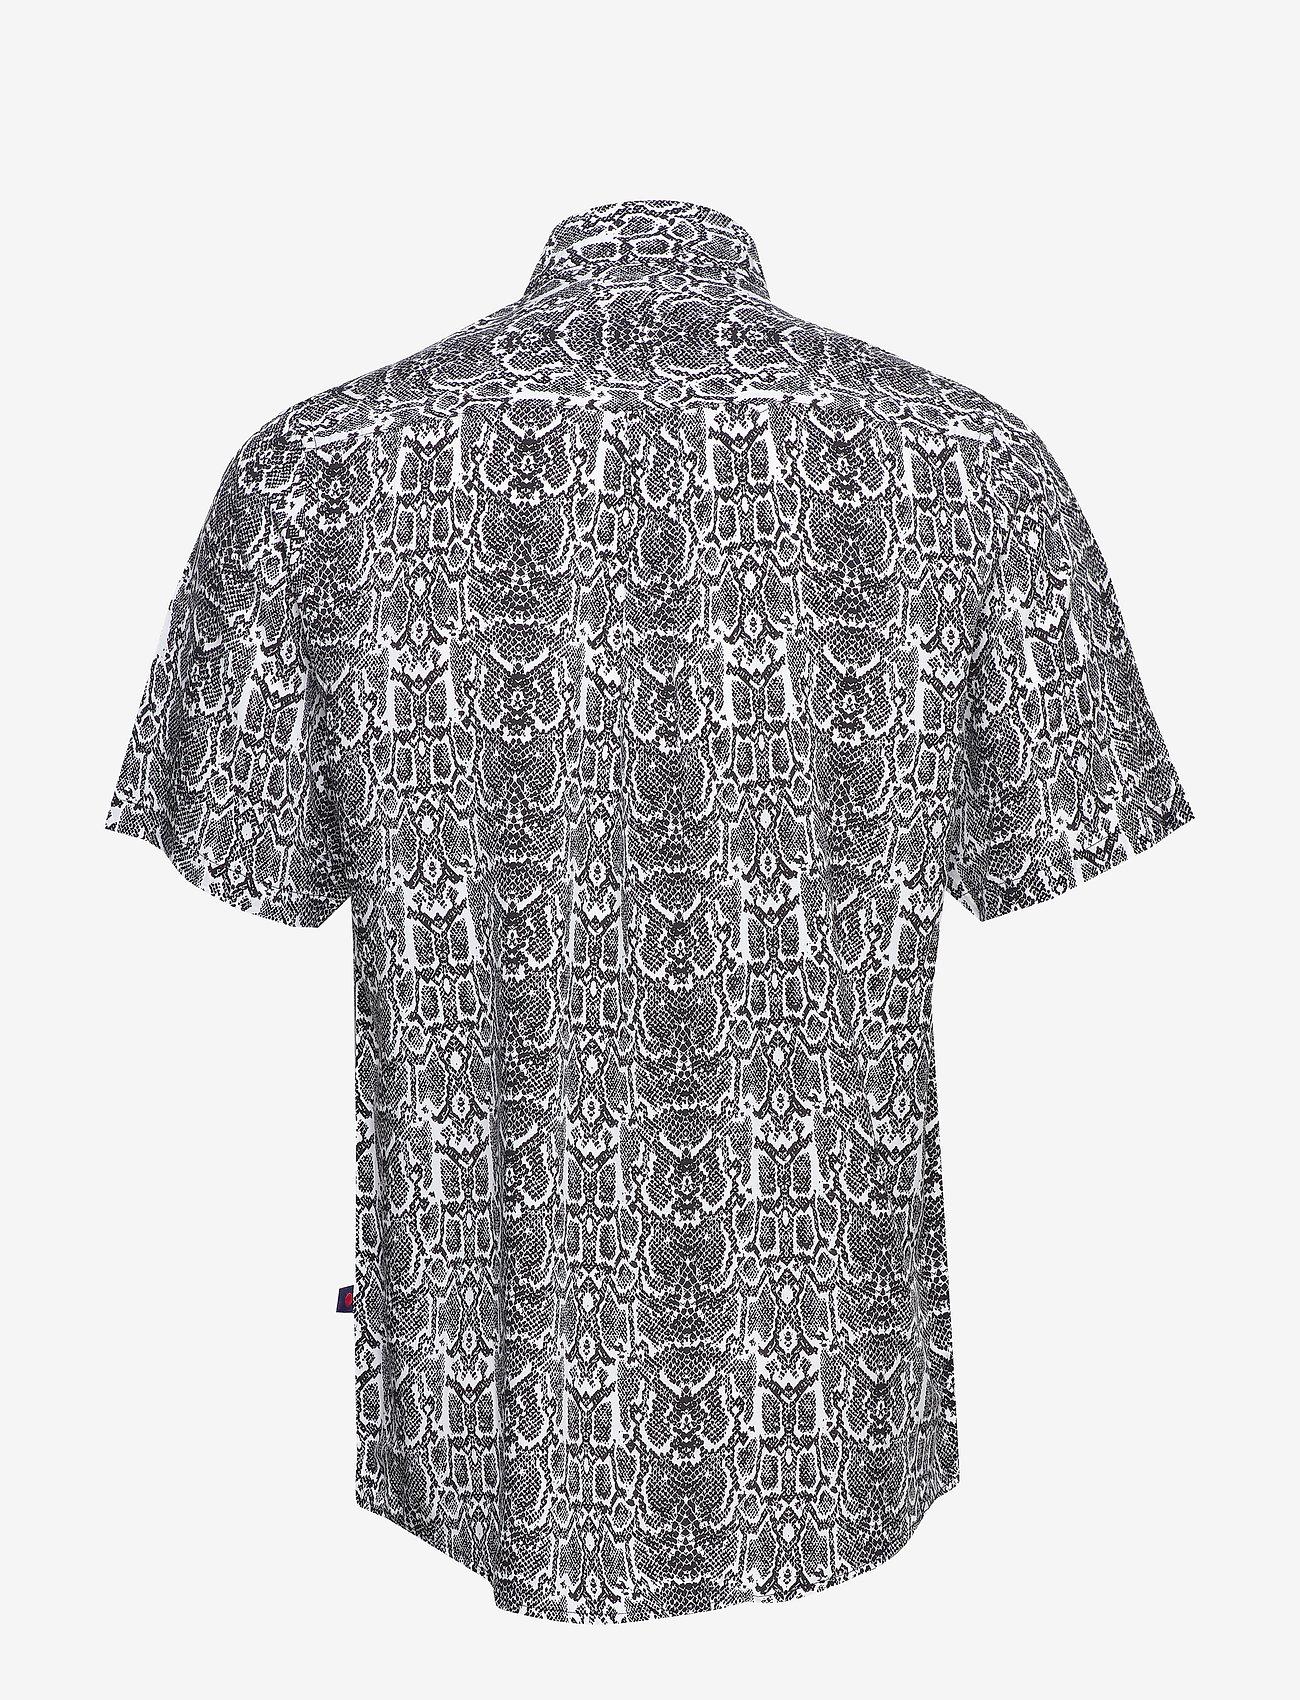 Denim project Grande S/S Shirt - Skjorter SNAKE - Menn Klær